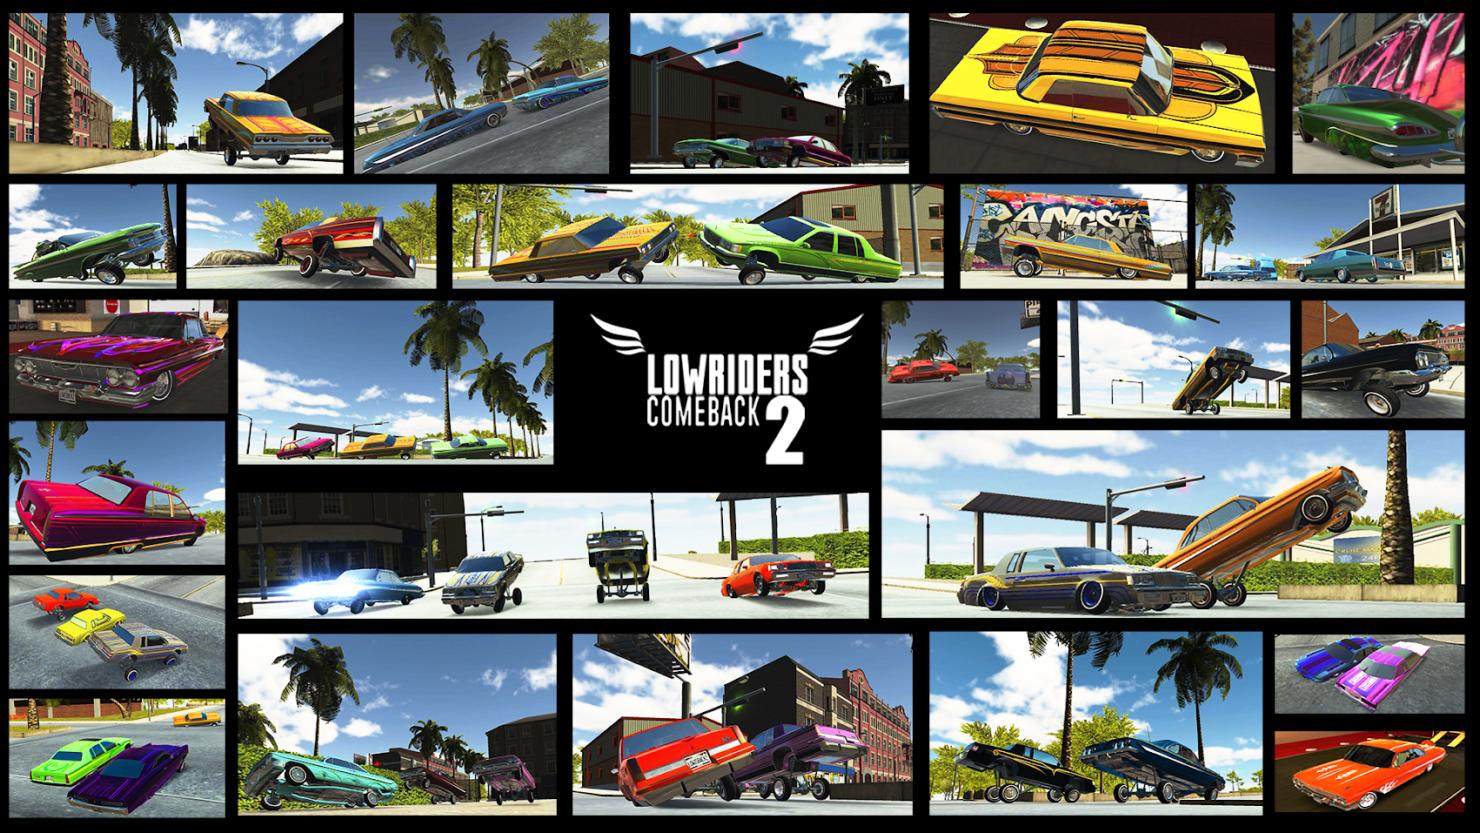 lowriders-comeback-2cruising1